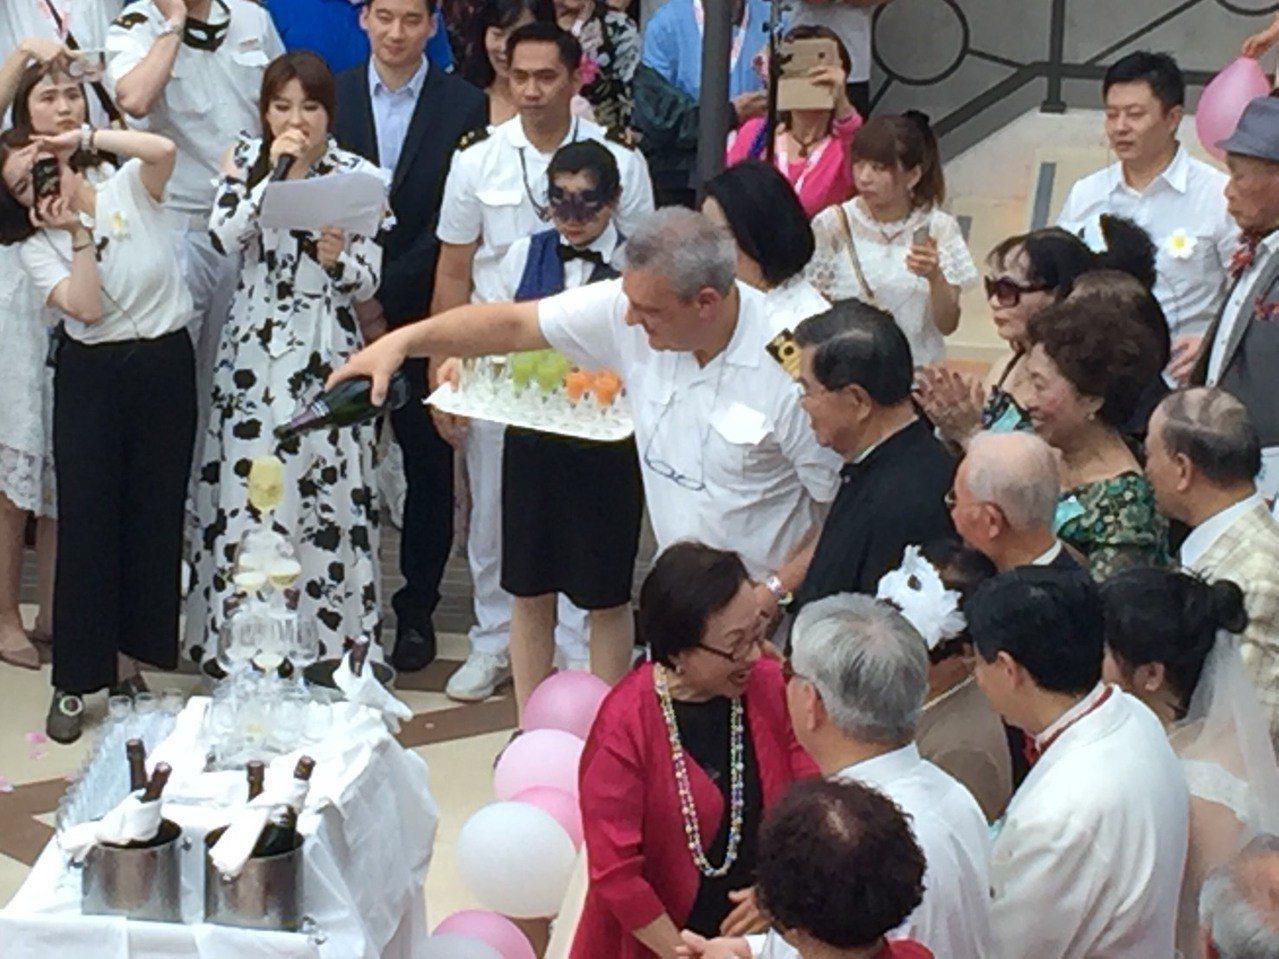 雄獅旅遊「老夫妻海上婚禮」,在船長的香檳塔歡慶聲中浪漫謝幕。記者羅建怡/攝影